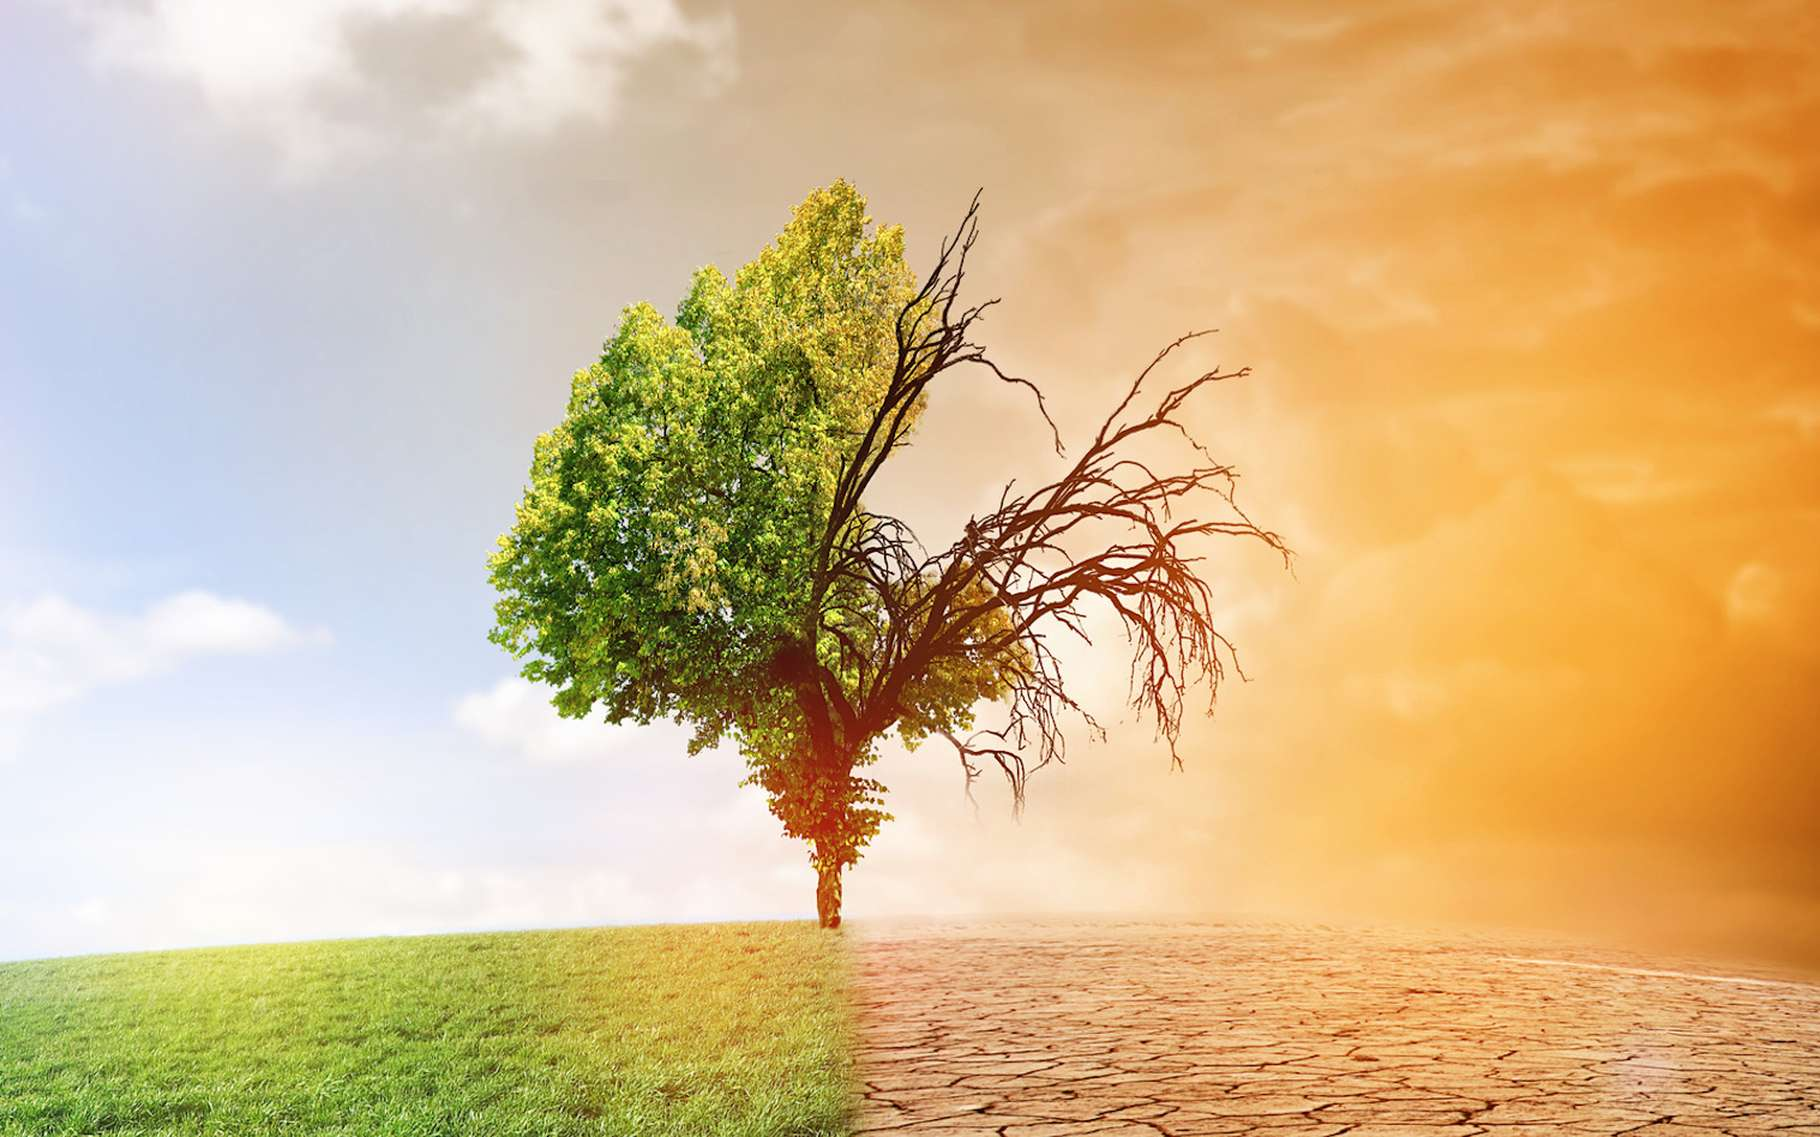 Les conséquences d'un changement climatique s'annoncent nombreuses, tant pour notre planète que pour nos sociétés. © jozsitoeroe, Fotolia